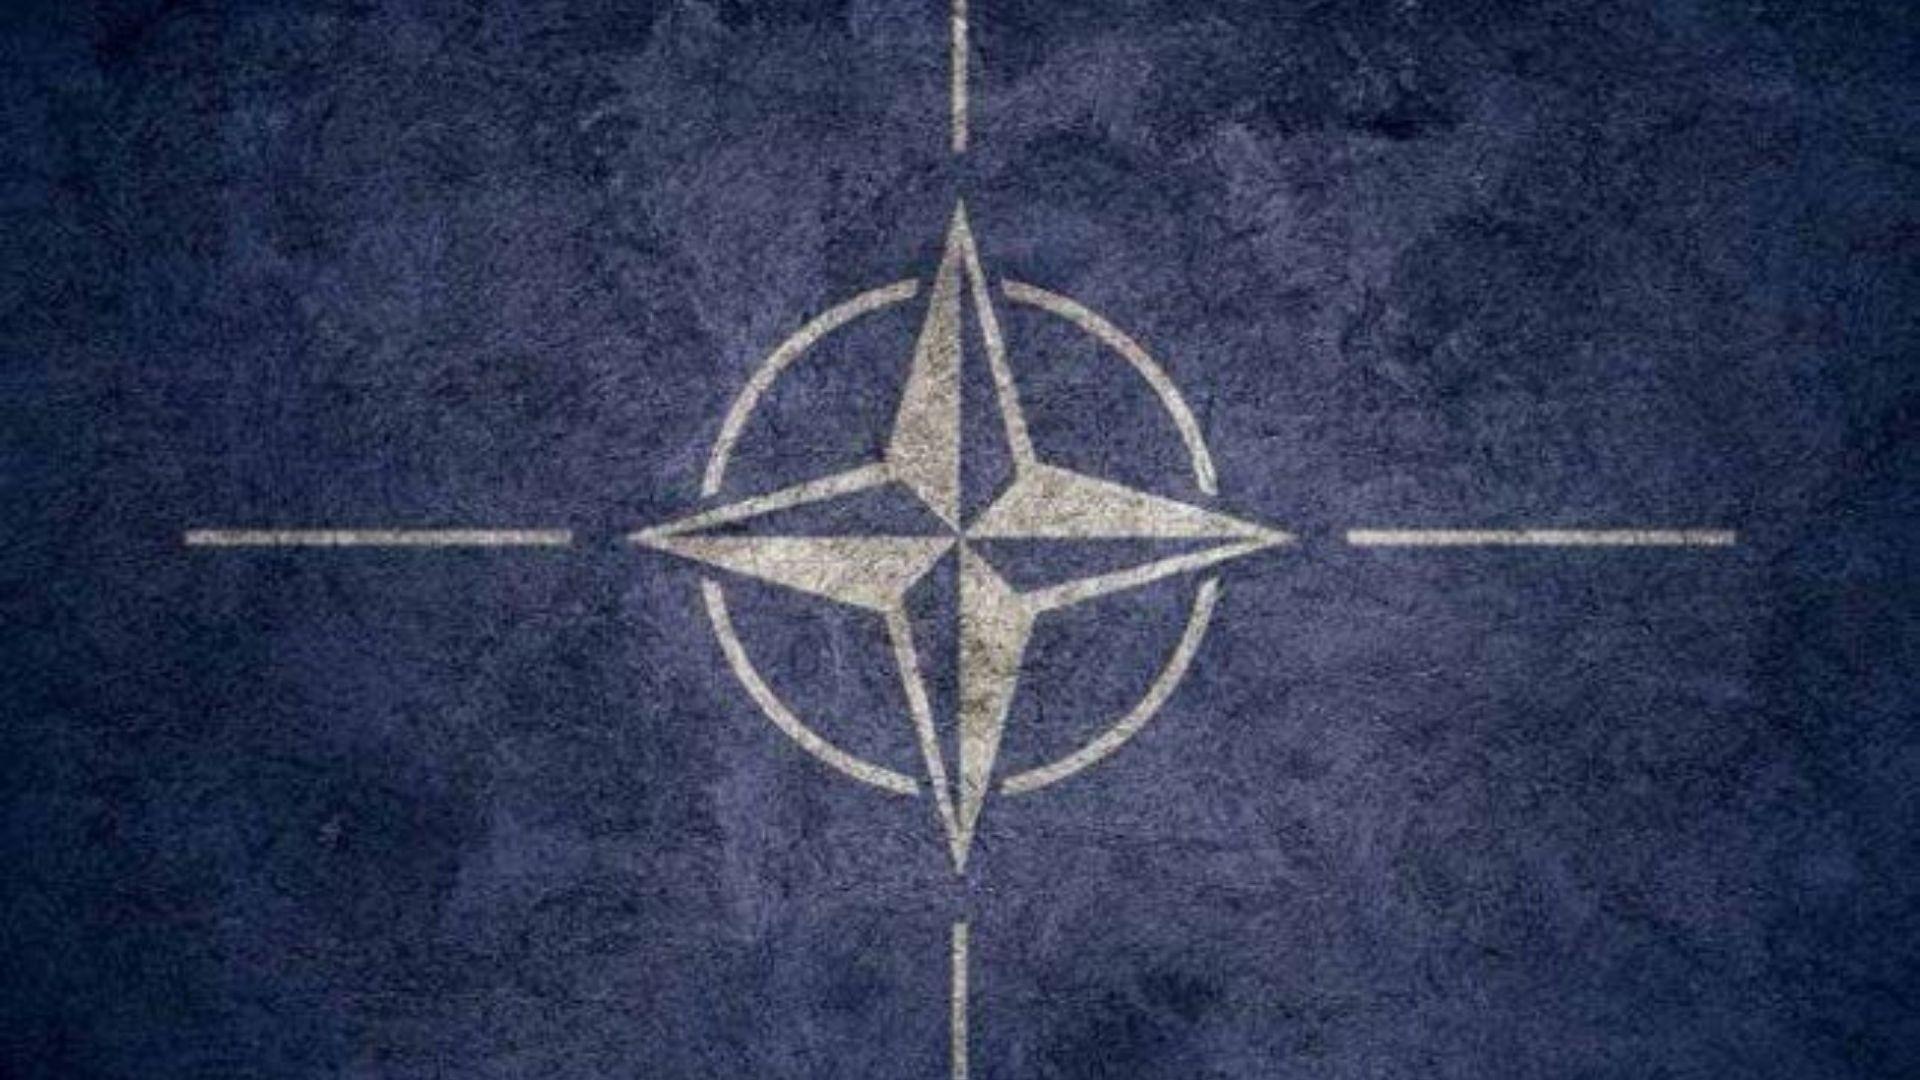 საქართველო NATO-ს სამედიცინო აღჭურვილობით დახმარებას სთხოვს